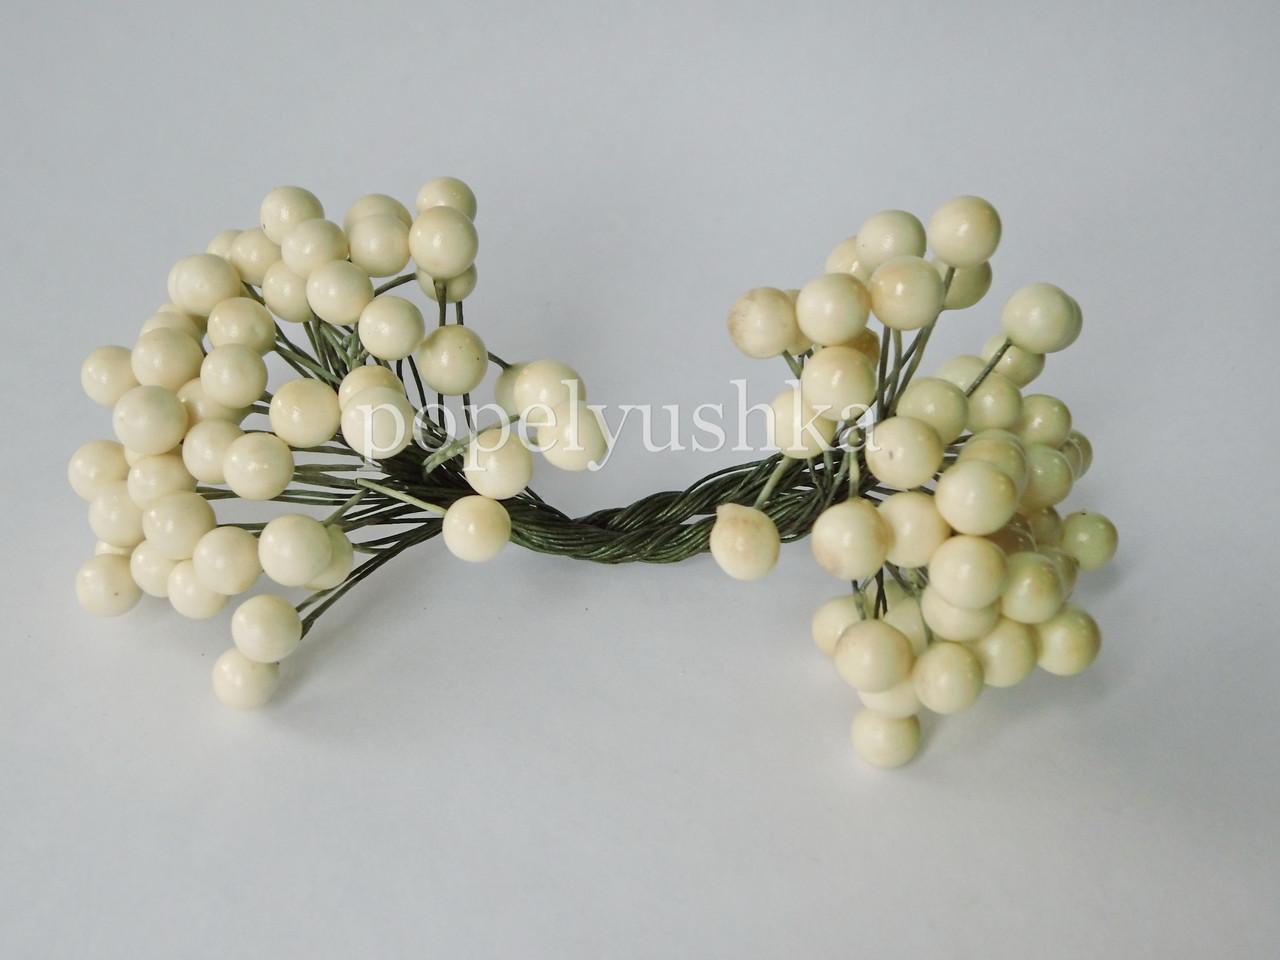 Ягоди глянцеві білі 10 мм